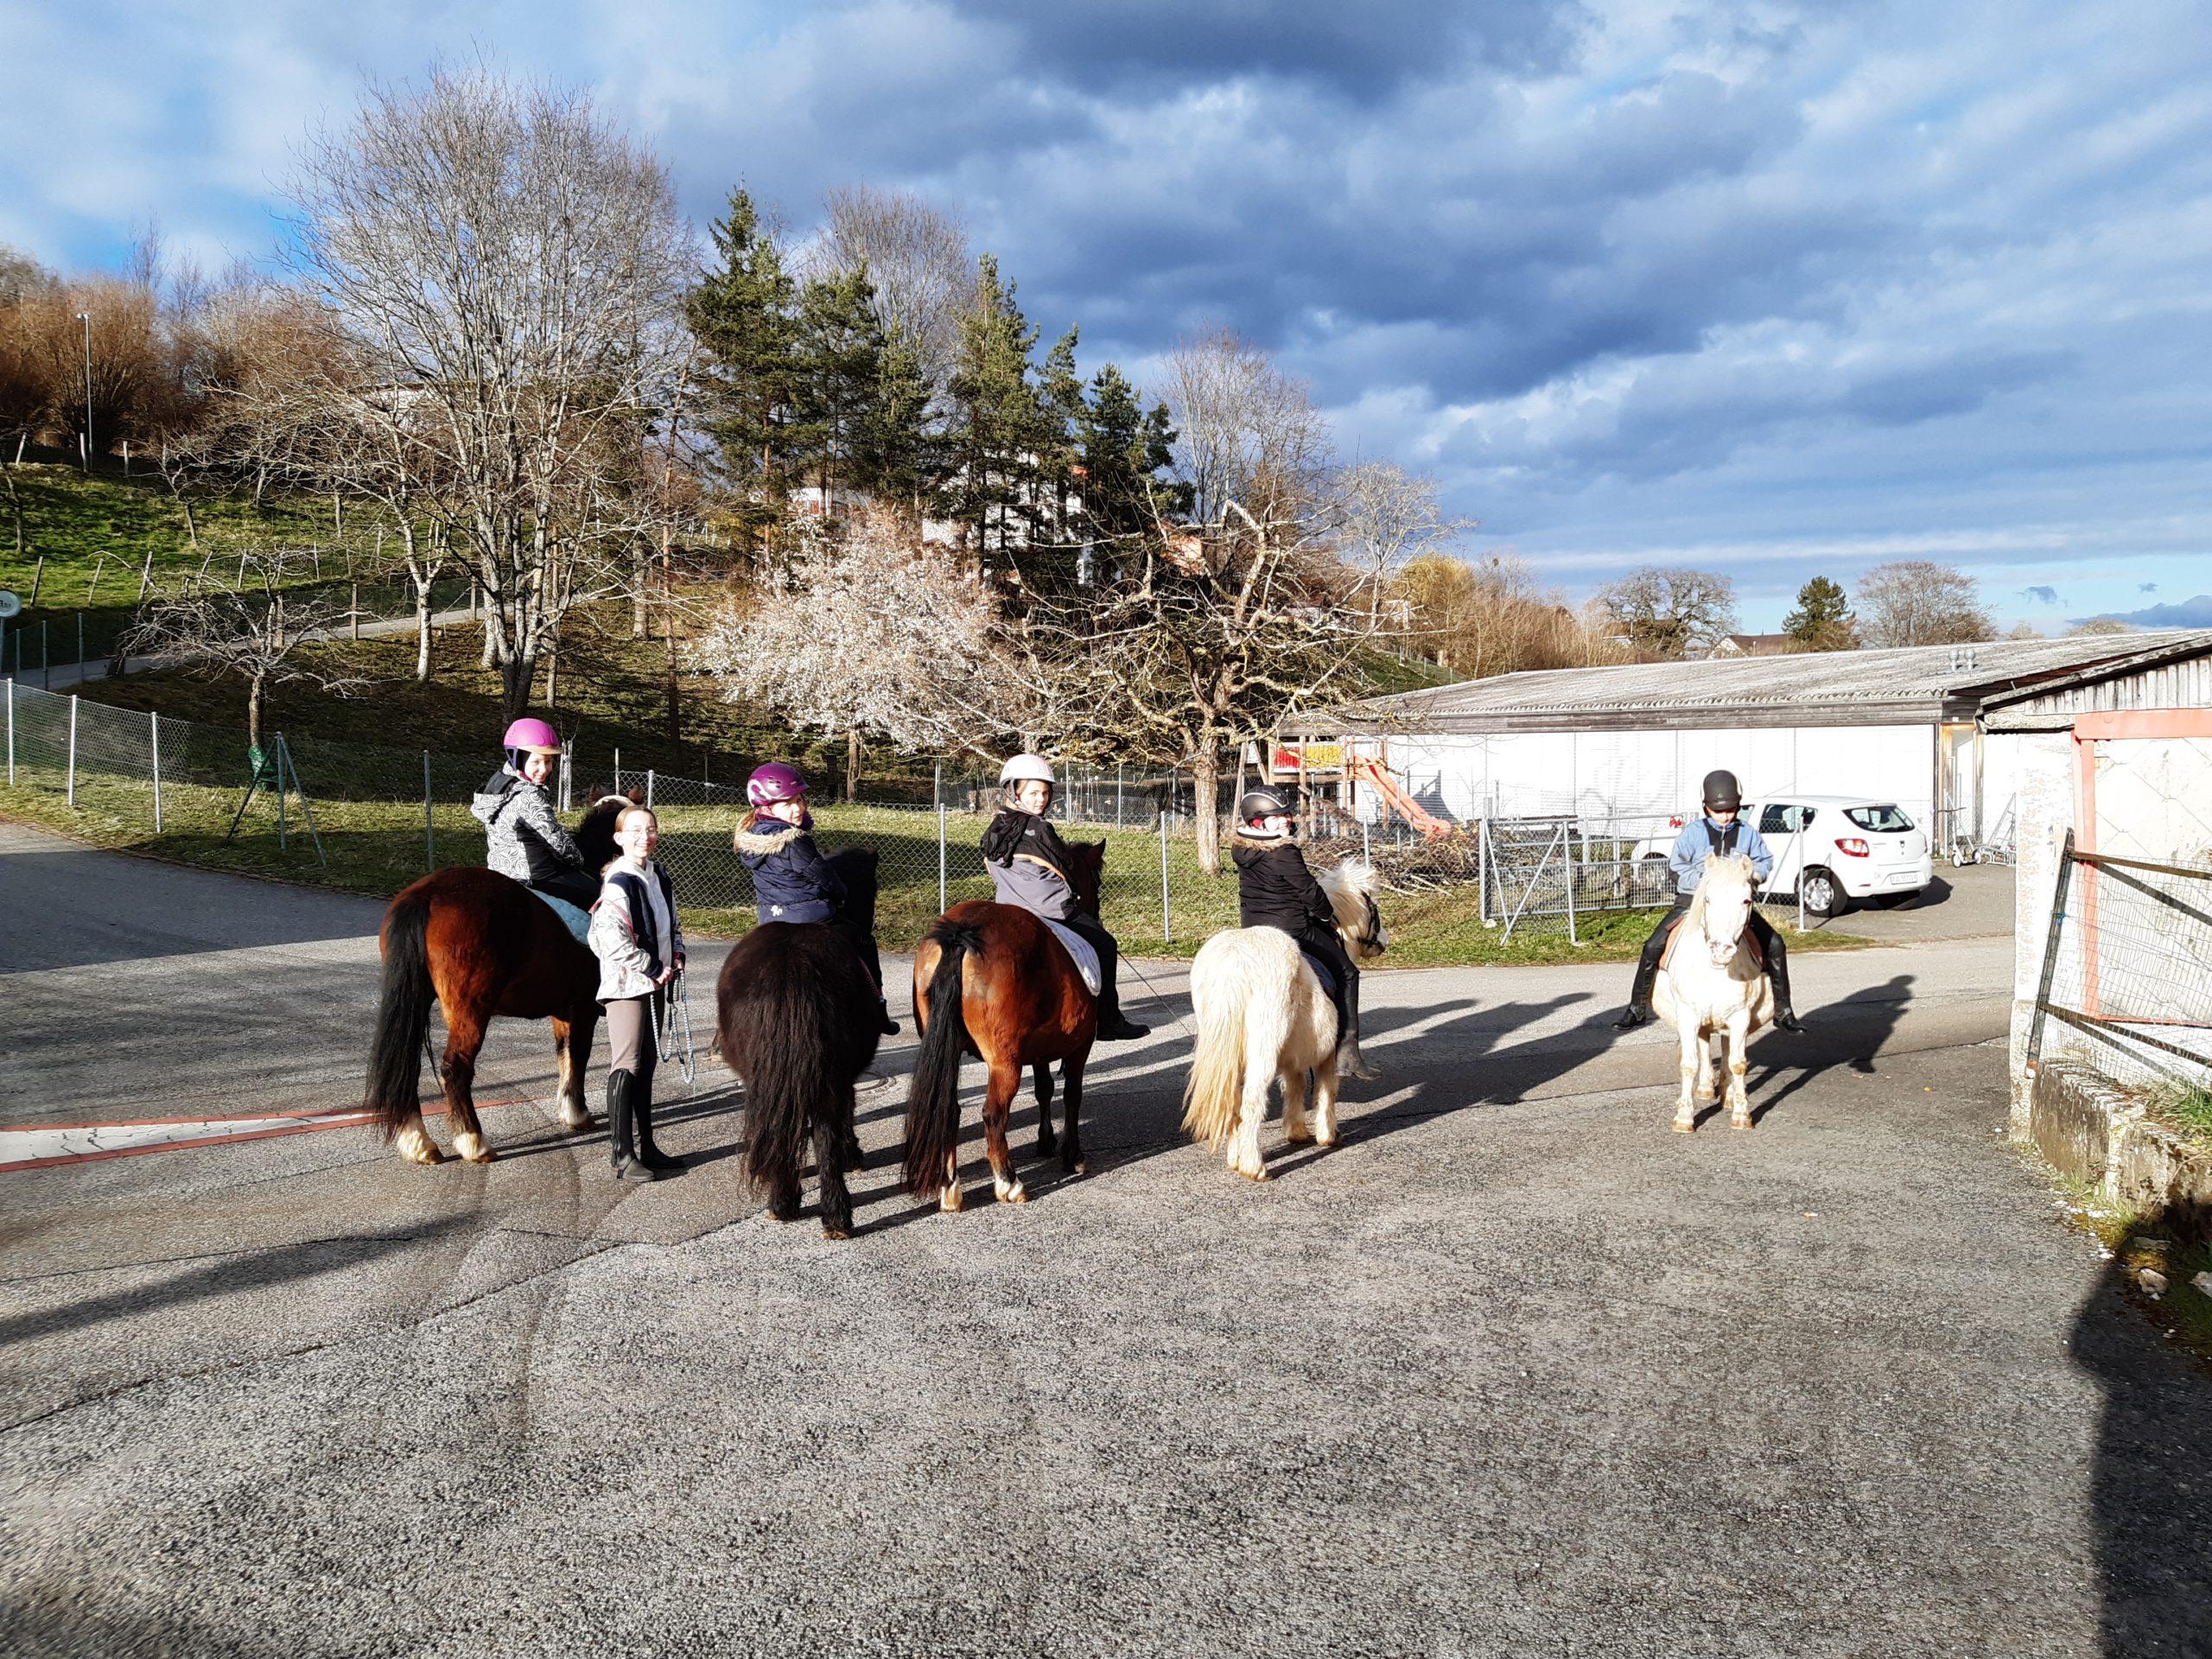 6 enfants sur leur cheval